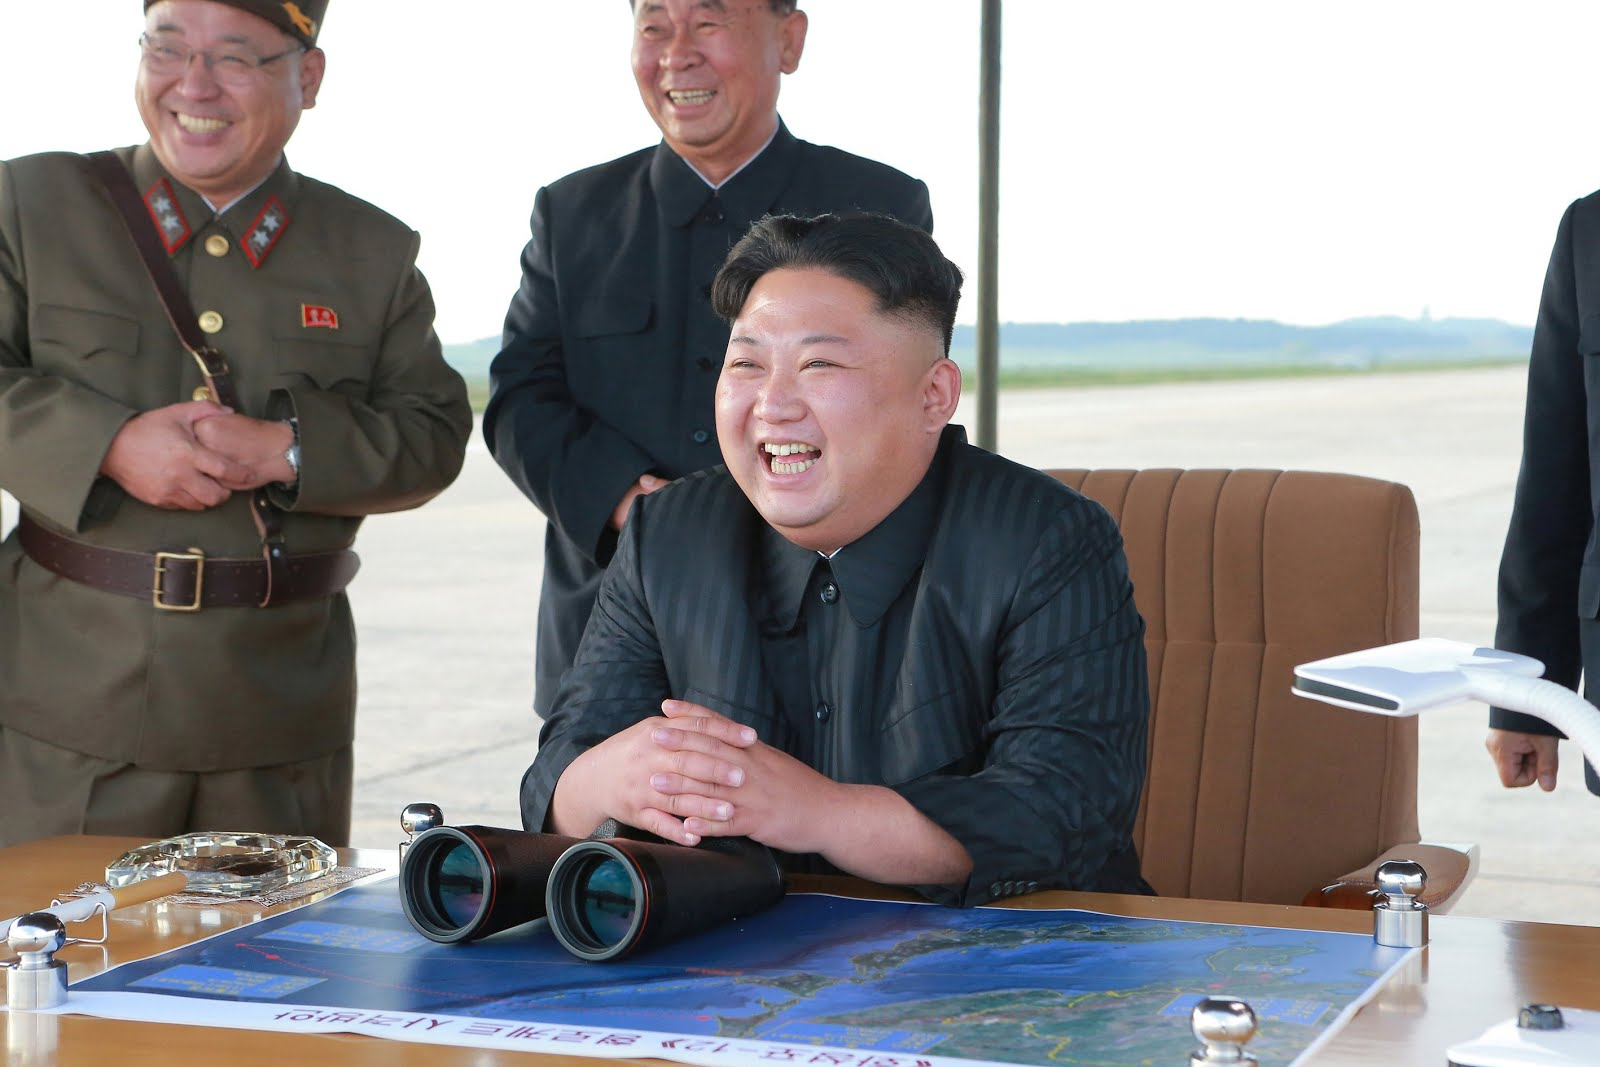 كوريا الشمالية: لا يوجد دولة اسمها إسرائيل حتى نعترف بعاصمة لها